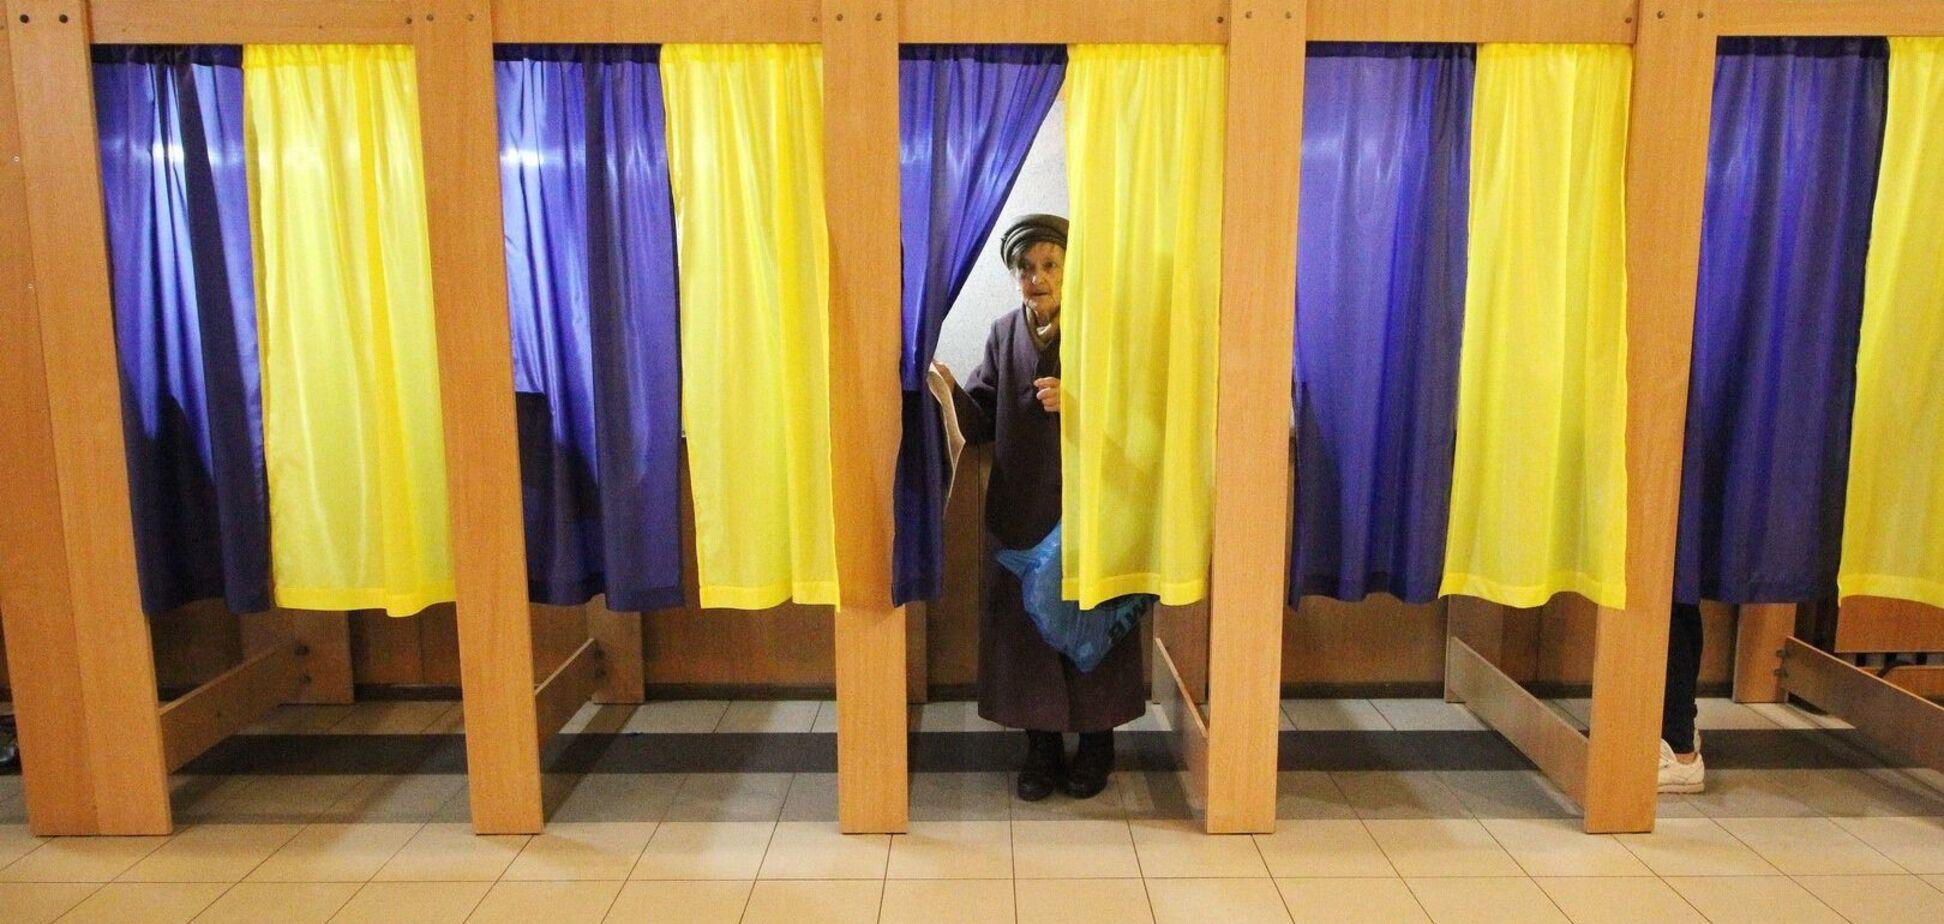 В Харькове люди не смогли проголосовать из-за сломанных кабинок